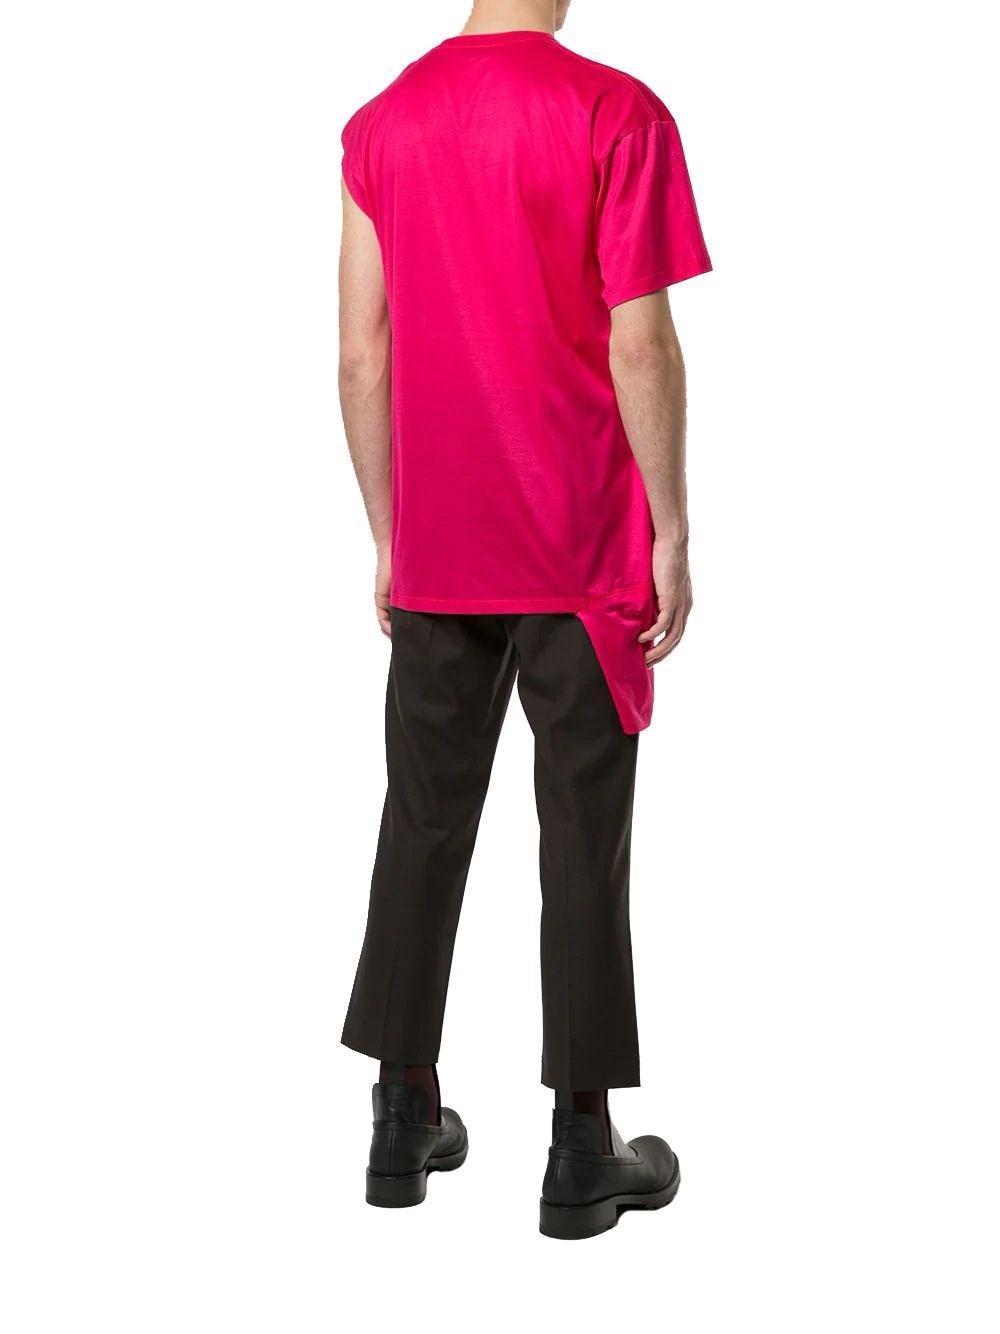 Alexander wang Splatter Print T-shirt Dress in Black